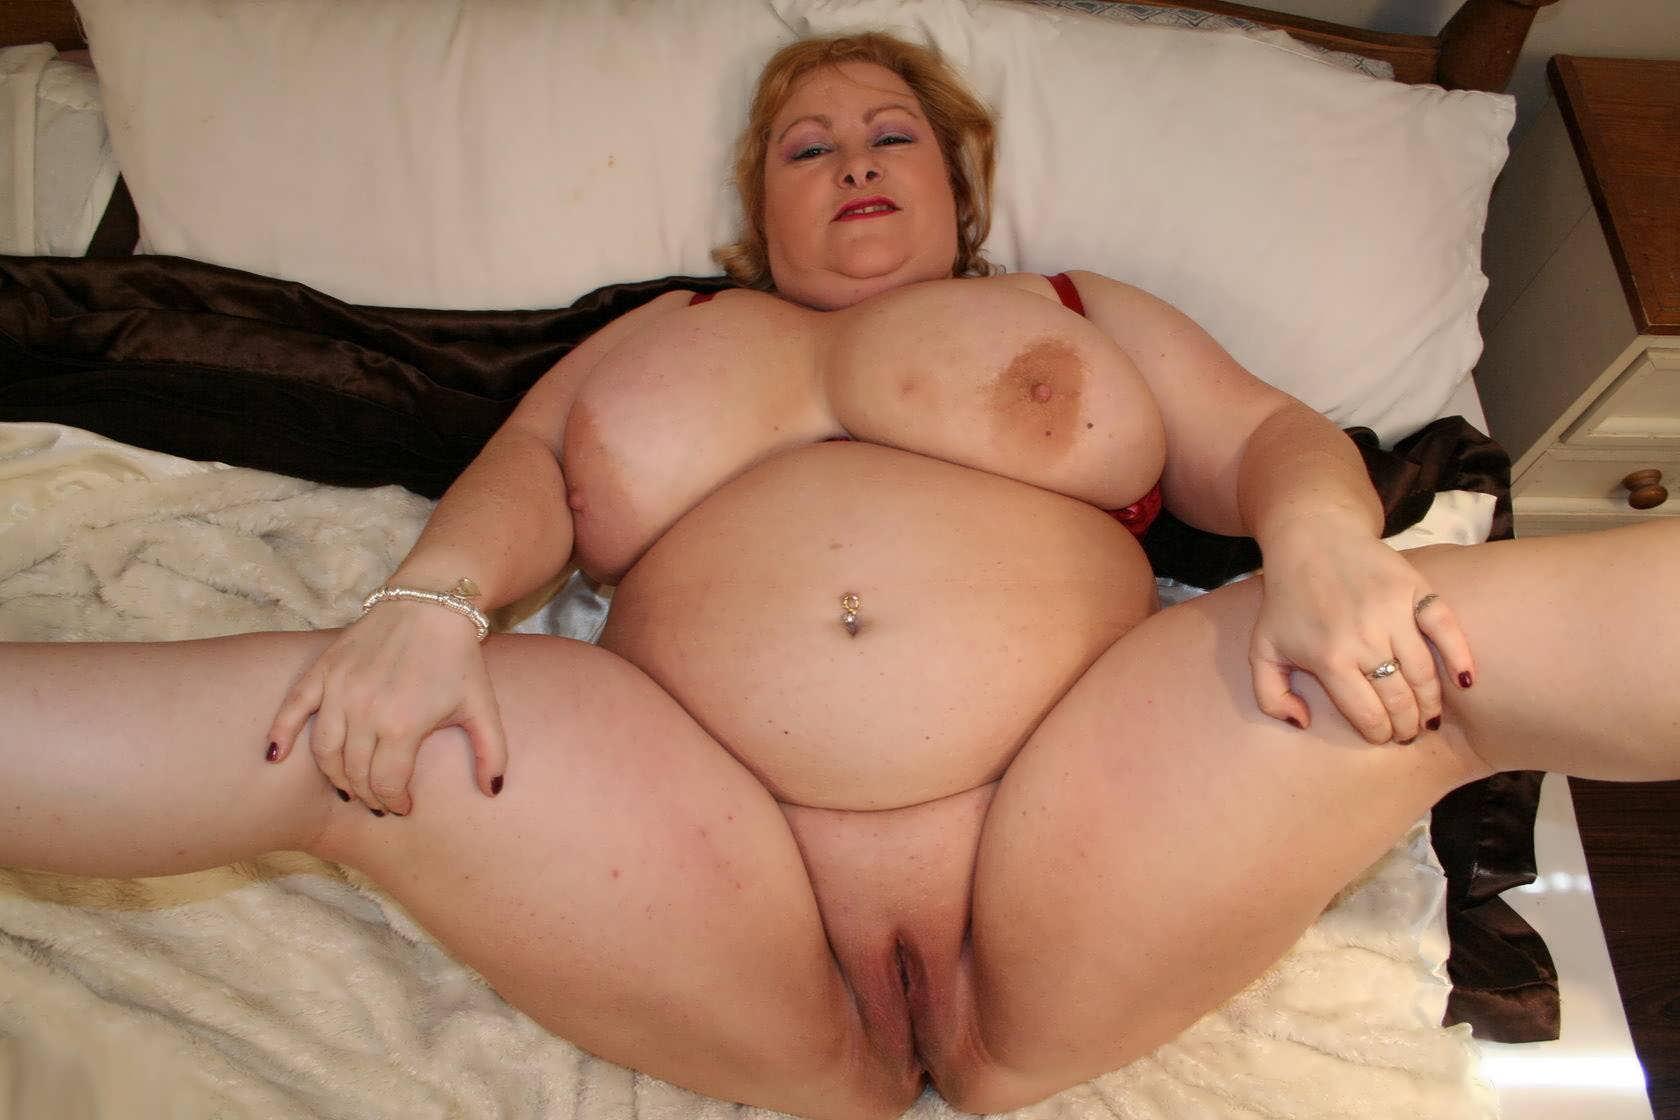 Видео толстые секс женщины посмотреть